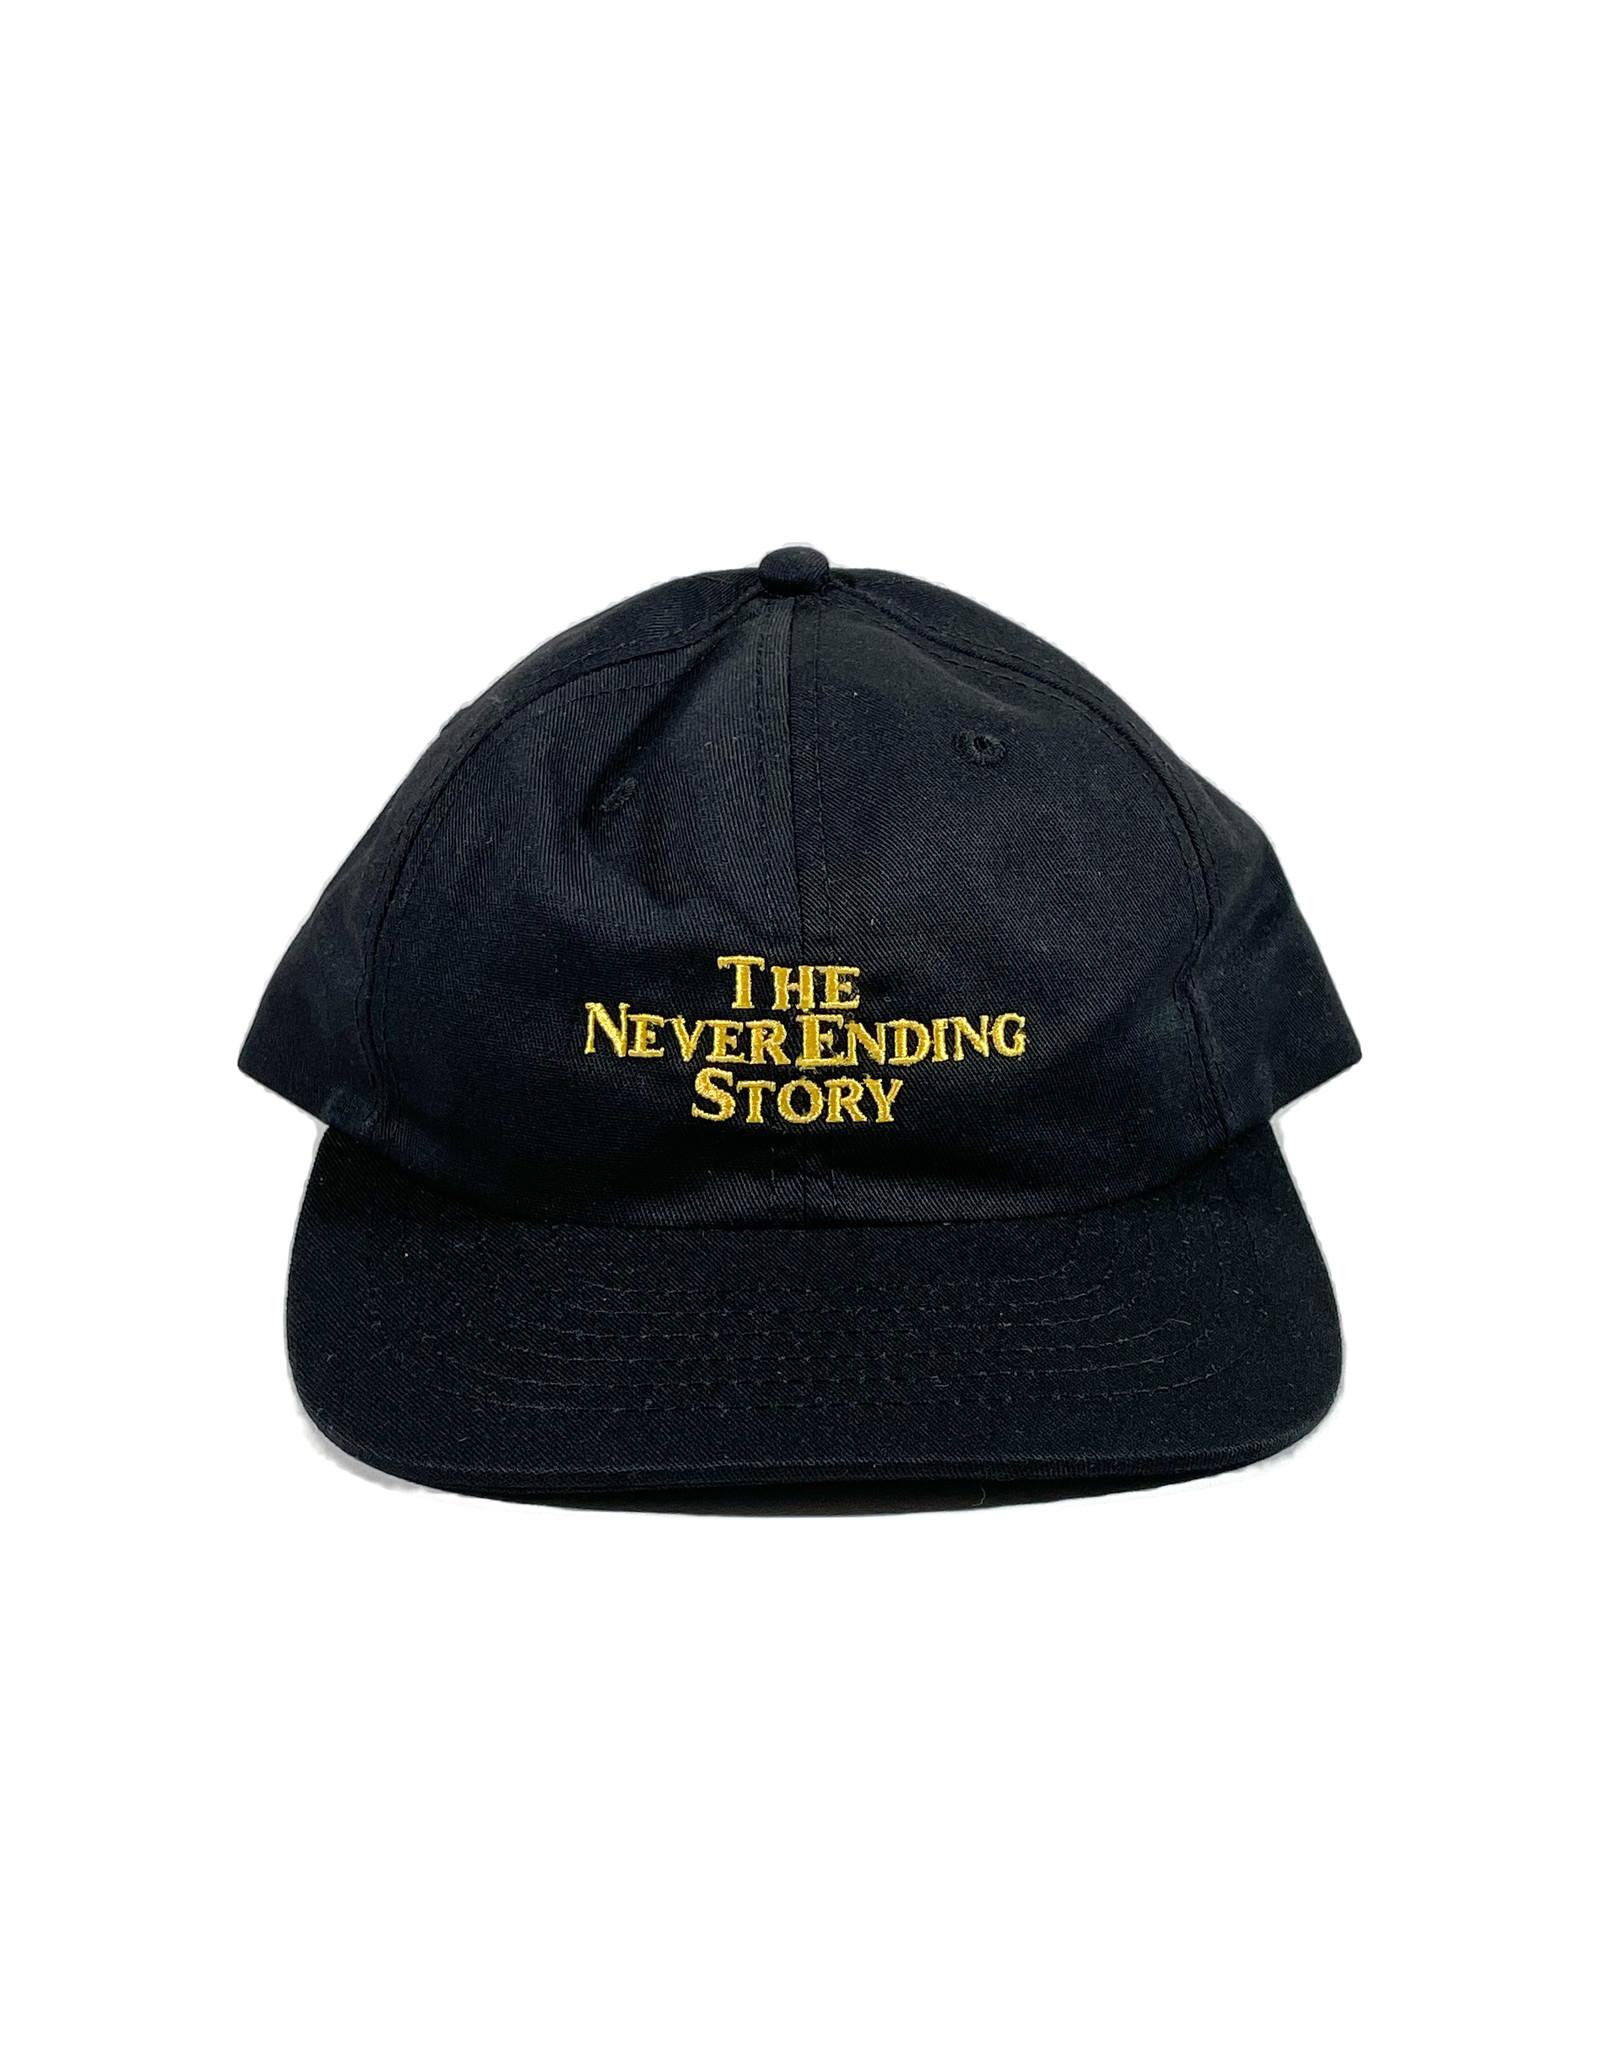 ALLTIMERS NEVER ENDING STORY HAT - BLACK